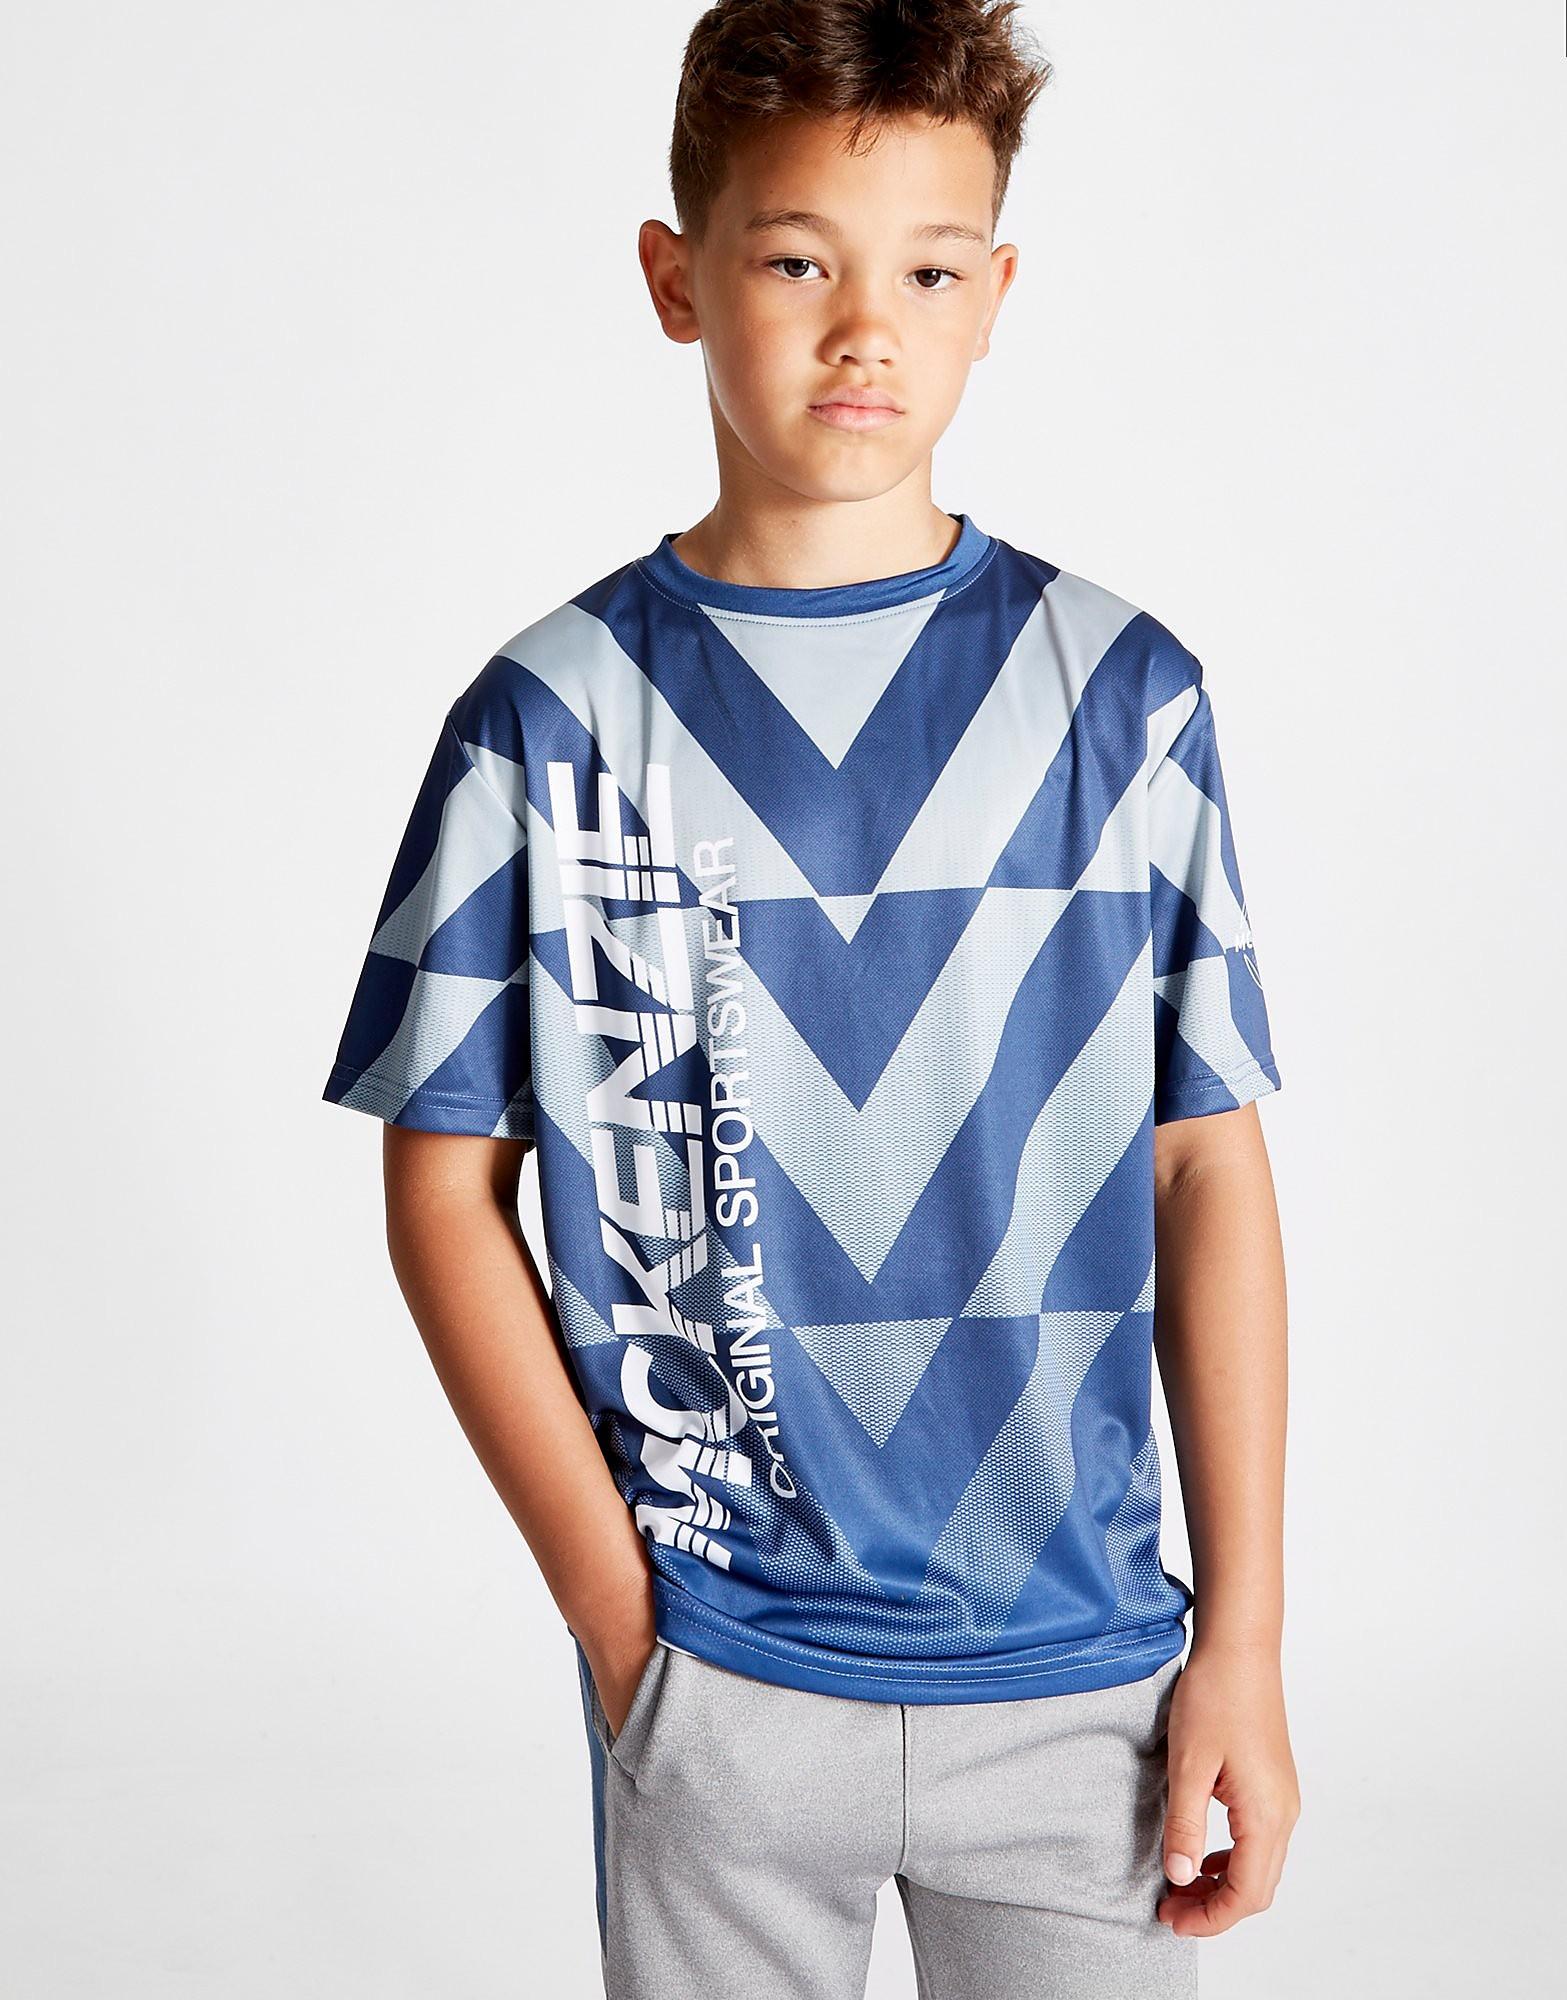 McKenzie Gadget Poly T-Shirt Junior - Blauw - Kind